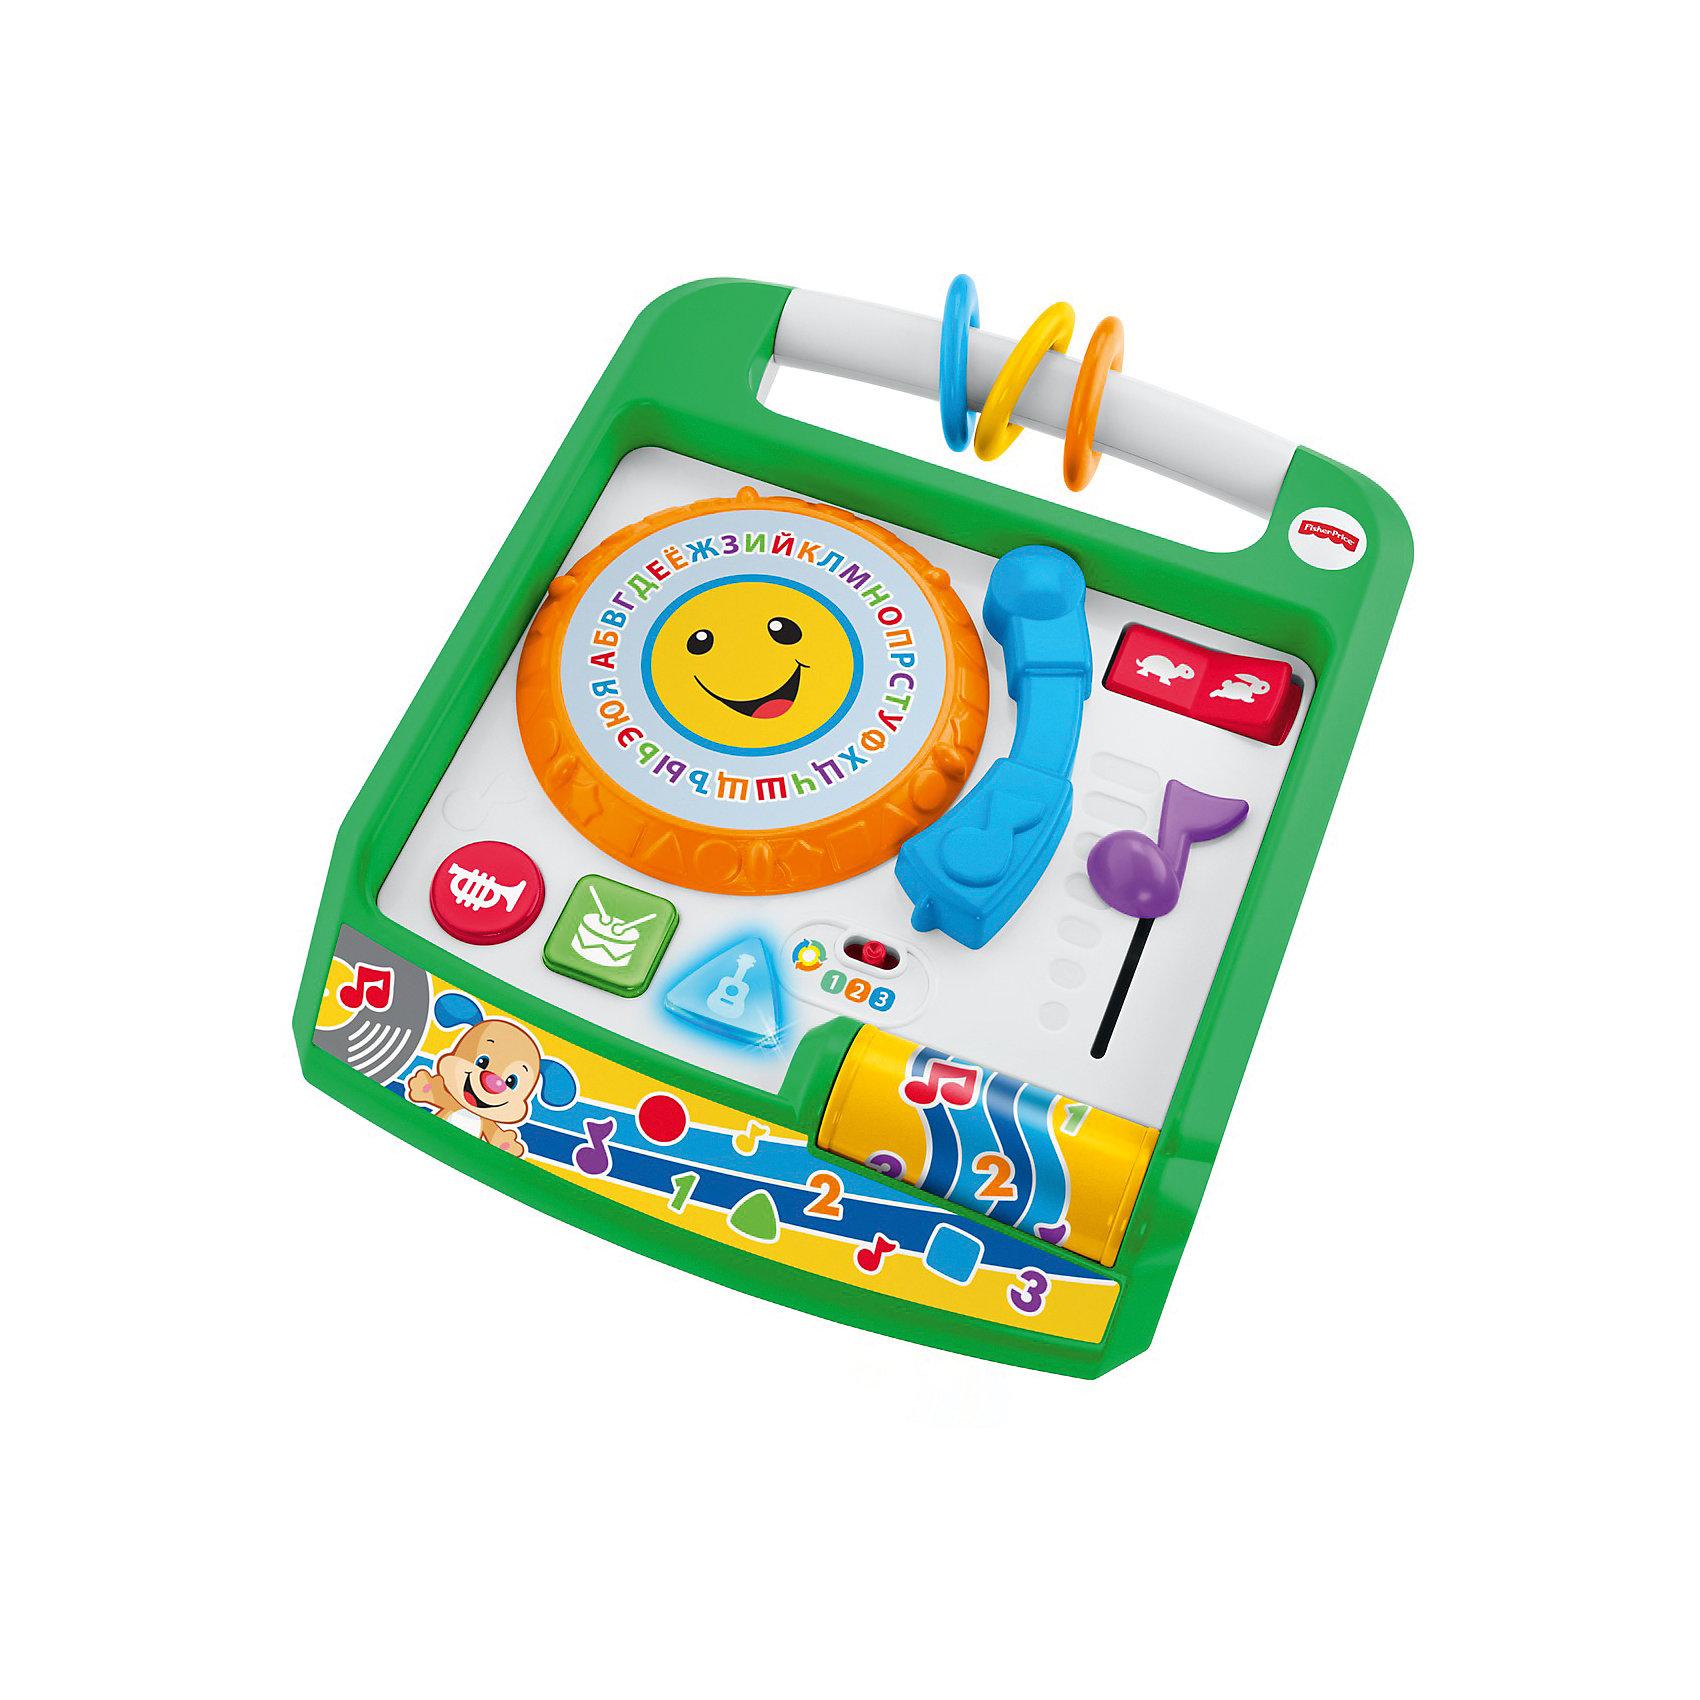 Музыкальная панель Ученого Щенка из серии Смейся и учись, Fisher PriceИнтерактивные игрушки для малышей<br>Характеристики товара:<br><br>• возраст: от 6 месяцев;<br>• материал: пластик;<br>• тип батареек: 3 батарейки АА;<br>• наличие батареек: демонстрационные в комплекте;<br>• размер упаковки: 33х30х10 см;<br>• вес упаковки: 1,11 кг;<br>• страна производитель: Китай.<br><br>Развивающая игрушка «Смейся и учись. Музыкальная панель Ученого Щенка» Fisher Price — увлекательная развивающая игрушка для детей от 6 месяцев, которая включает в себя 7 игр и 65 разнообразных мелодий. С ее помощью малыш выучит цвета, цифры, новые слова, понятие формы. Игрушка поспособствует развитию мелкой моторики рук, тактильных ощущений, музыкального слуха, логического мышления.<br><br>В зависимости от возраста предусмотрено 3 уровня сложности. Игрушка выполнена из качественного безопасного пластика и не имеет острых элементов.<br><br>Развивающую игрушку «Смейся и учись. Музыкальная панель Ученого Щенка» Fisher Price можно приобрести в нашем интернет-магазине.<br><br>Ширина мм: 290<br>Глубина мм: 90<br>Высота мм: 330<br>Вес г: 1329<br>Возраст от месяцев: 6<br>Возраст до месяцев: 2147483647<br>Пол: Унисекс<br>Возраст: Детский<br>SKU: 5378268